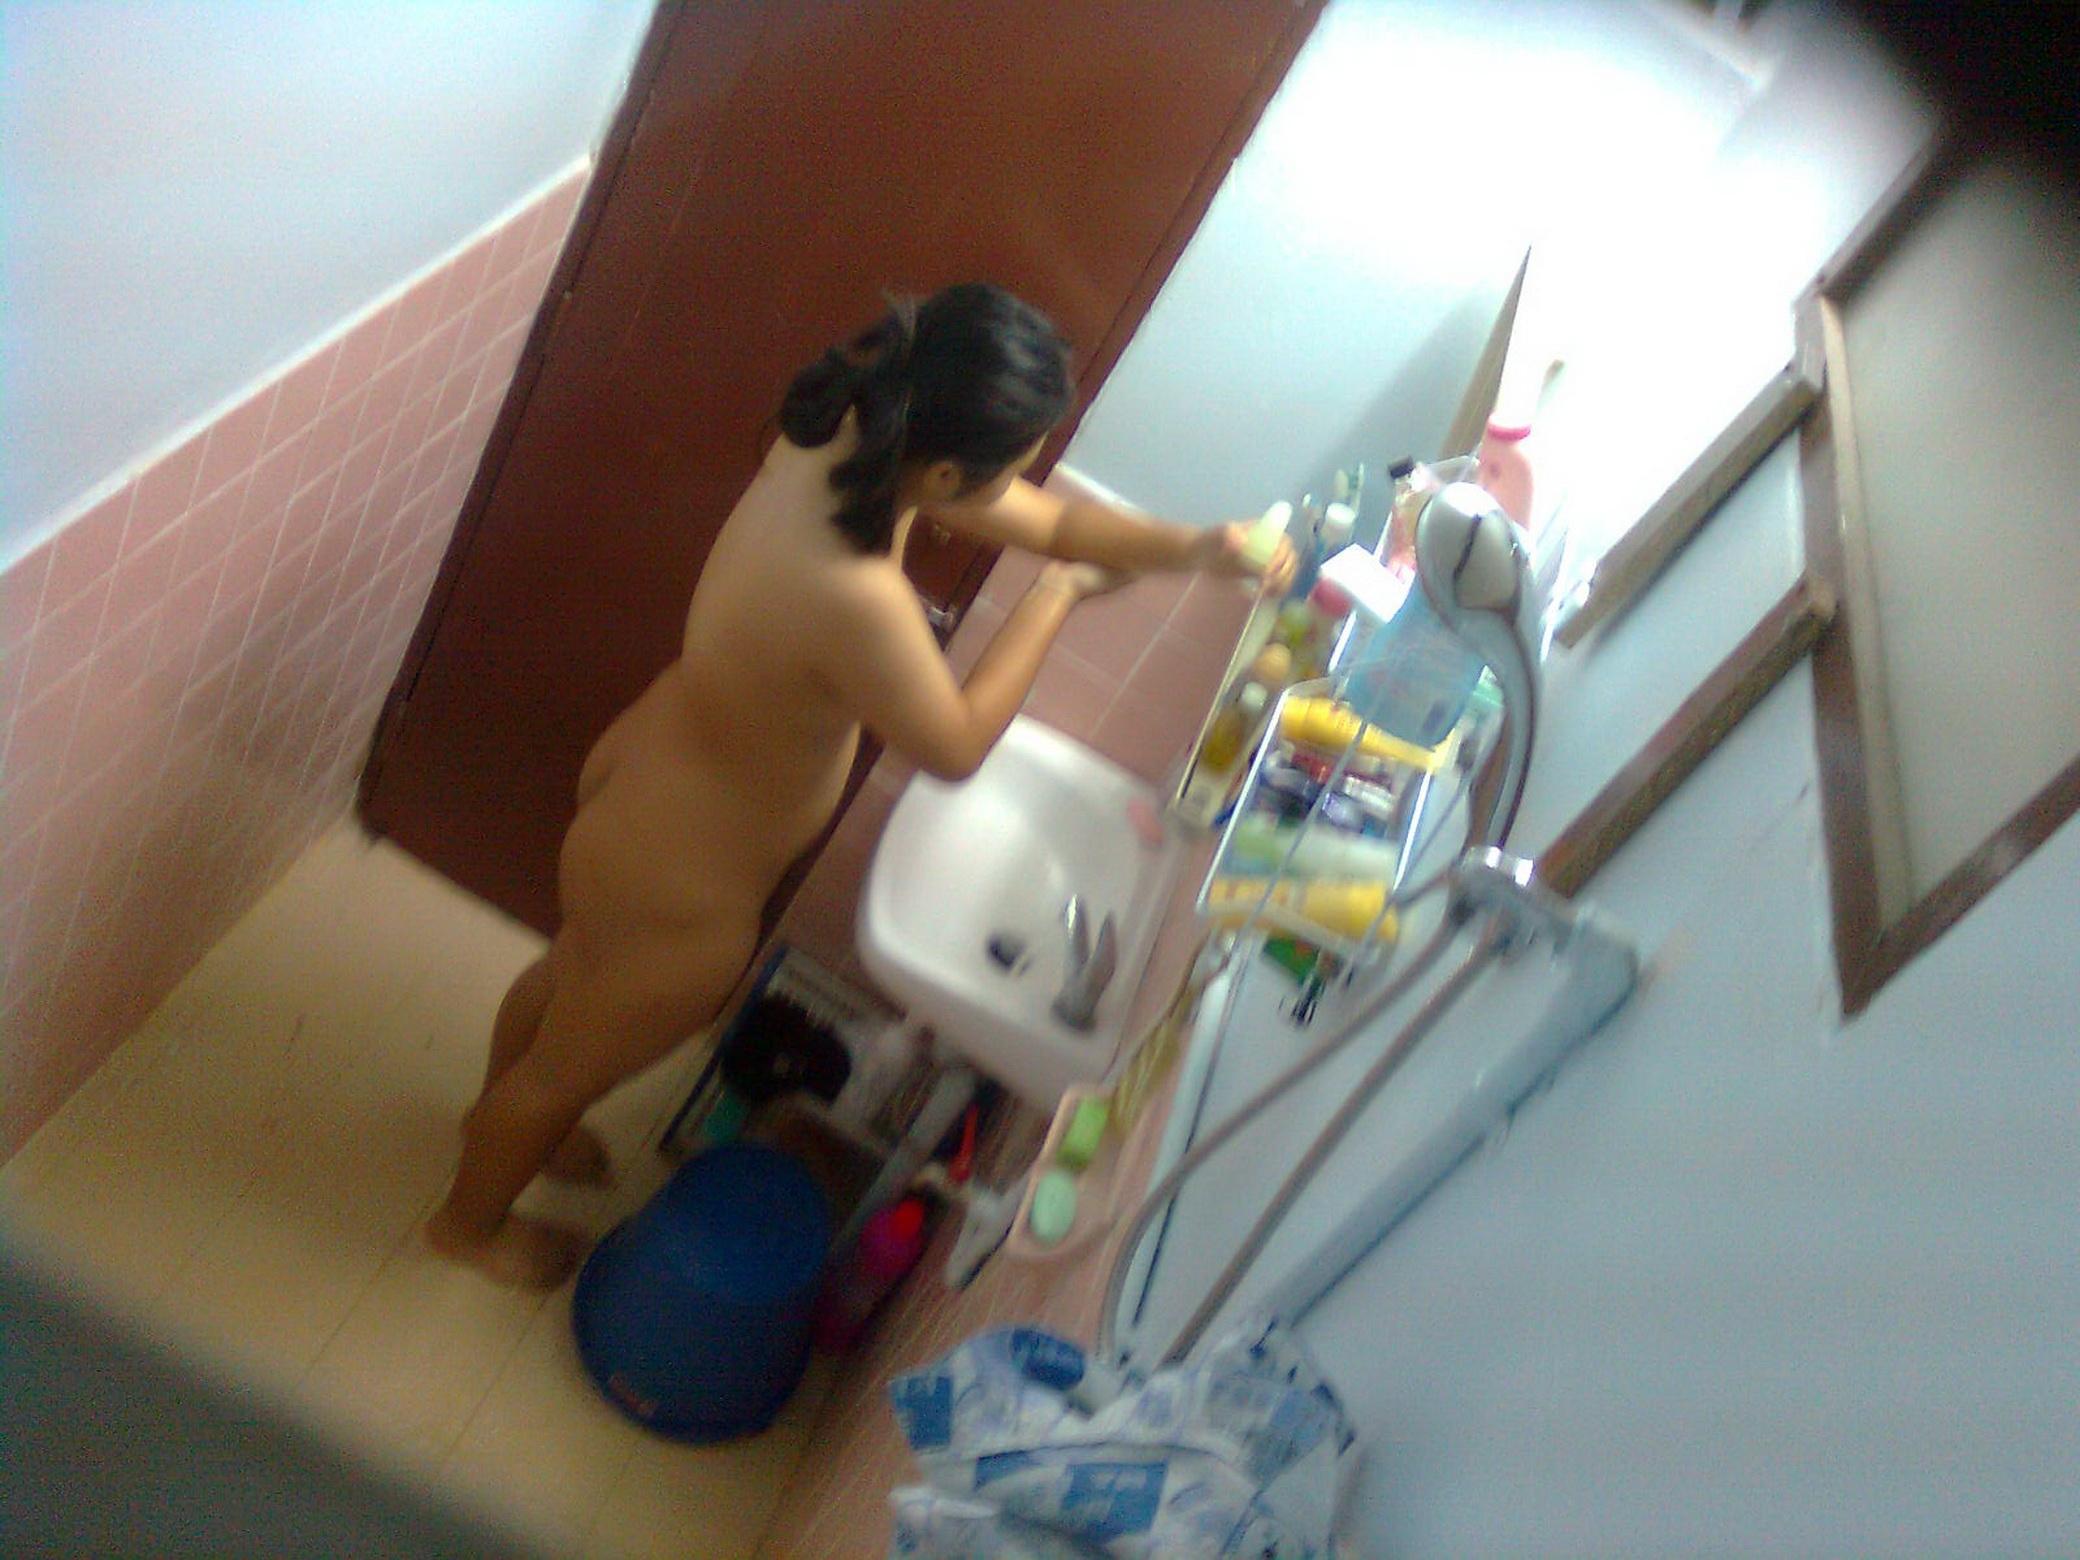 Mirando a la hermana en la ducha